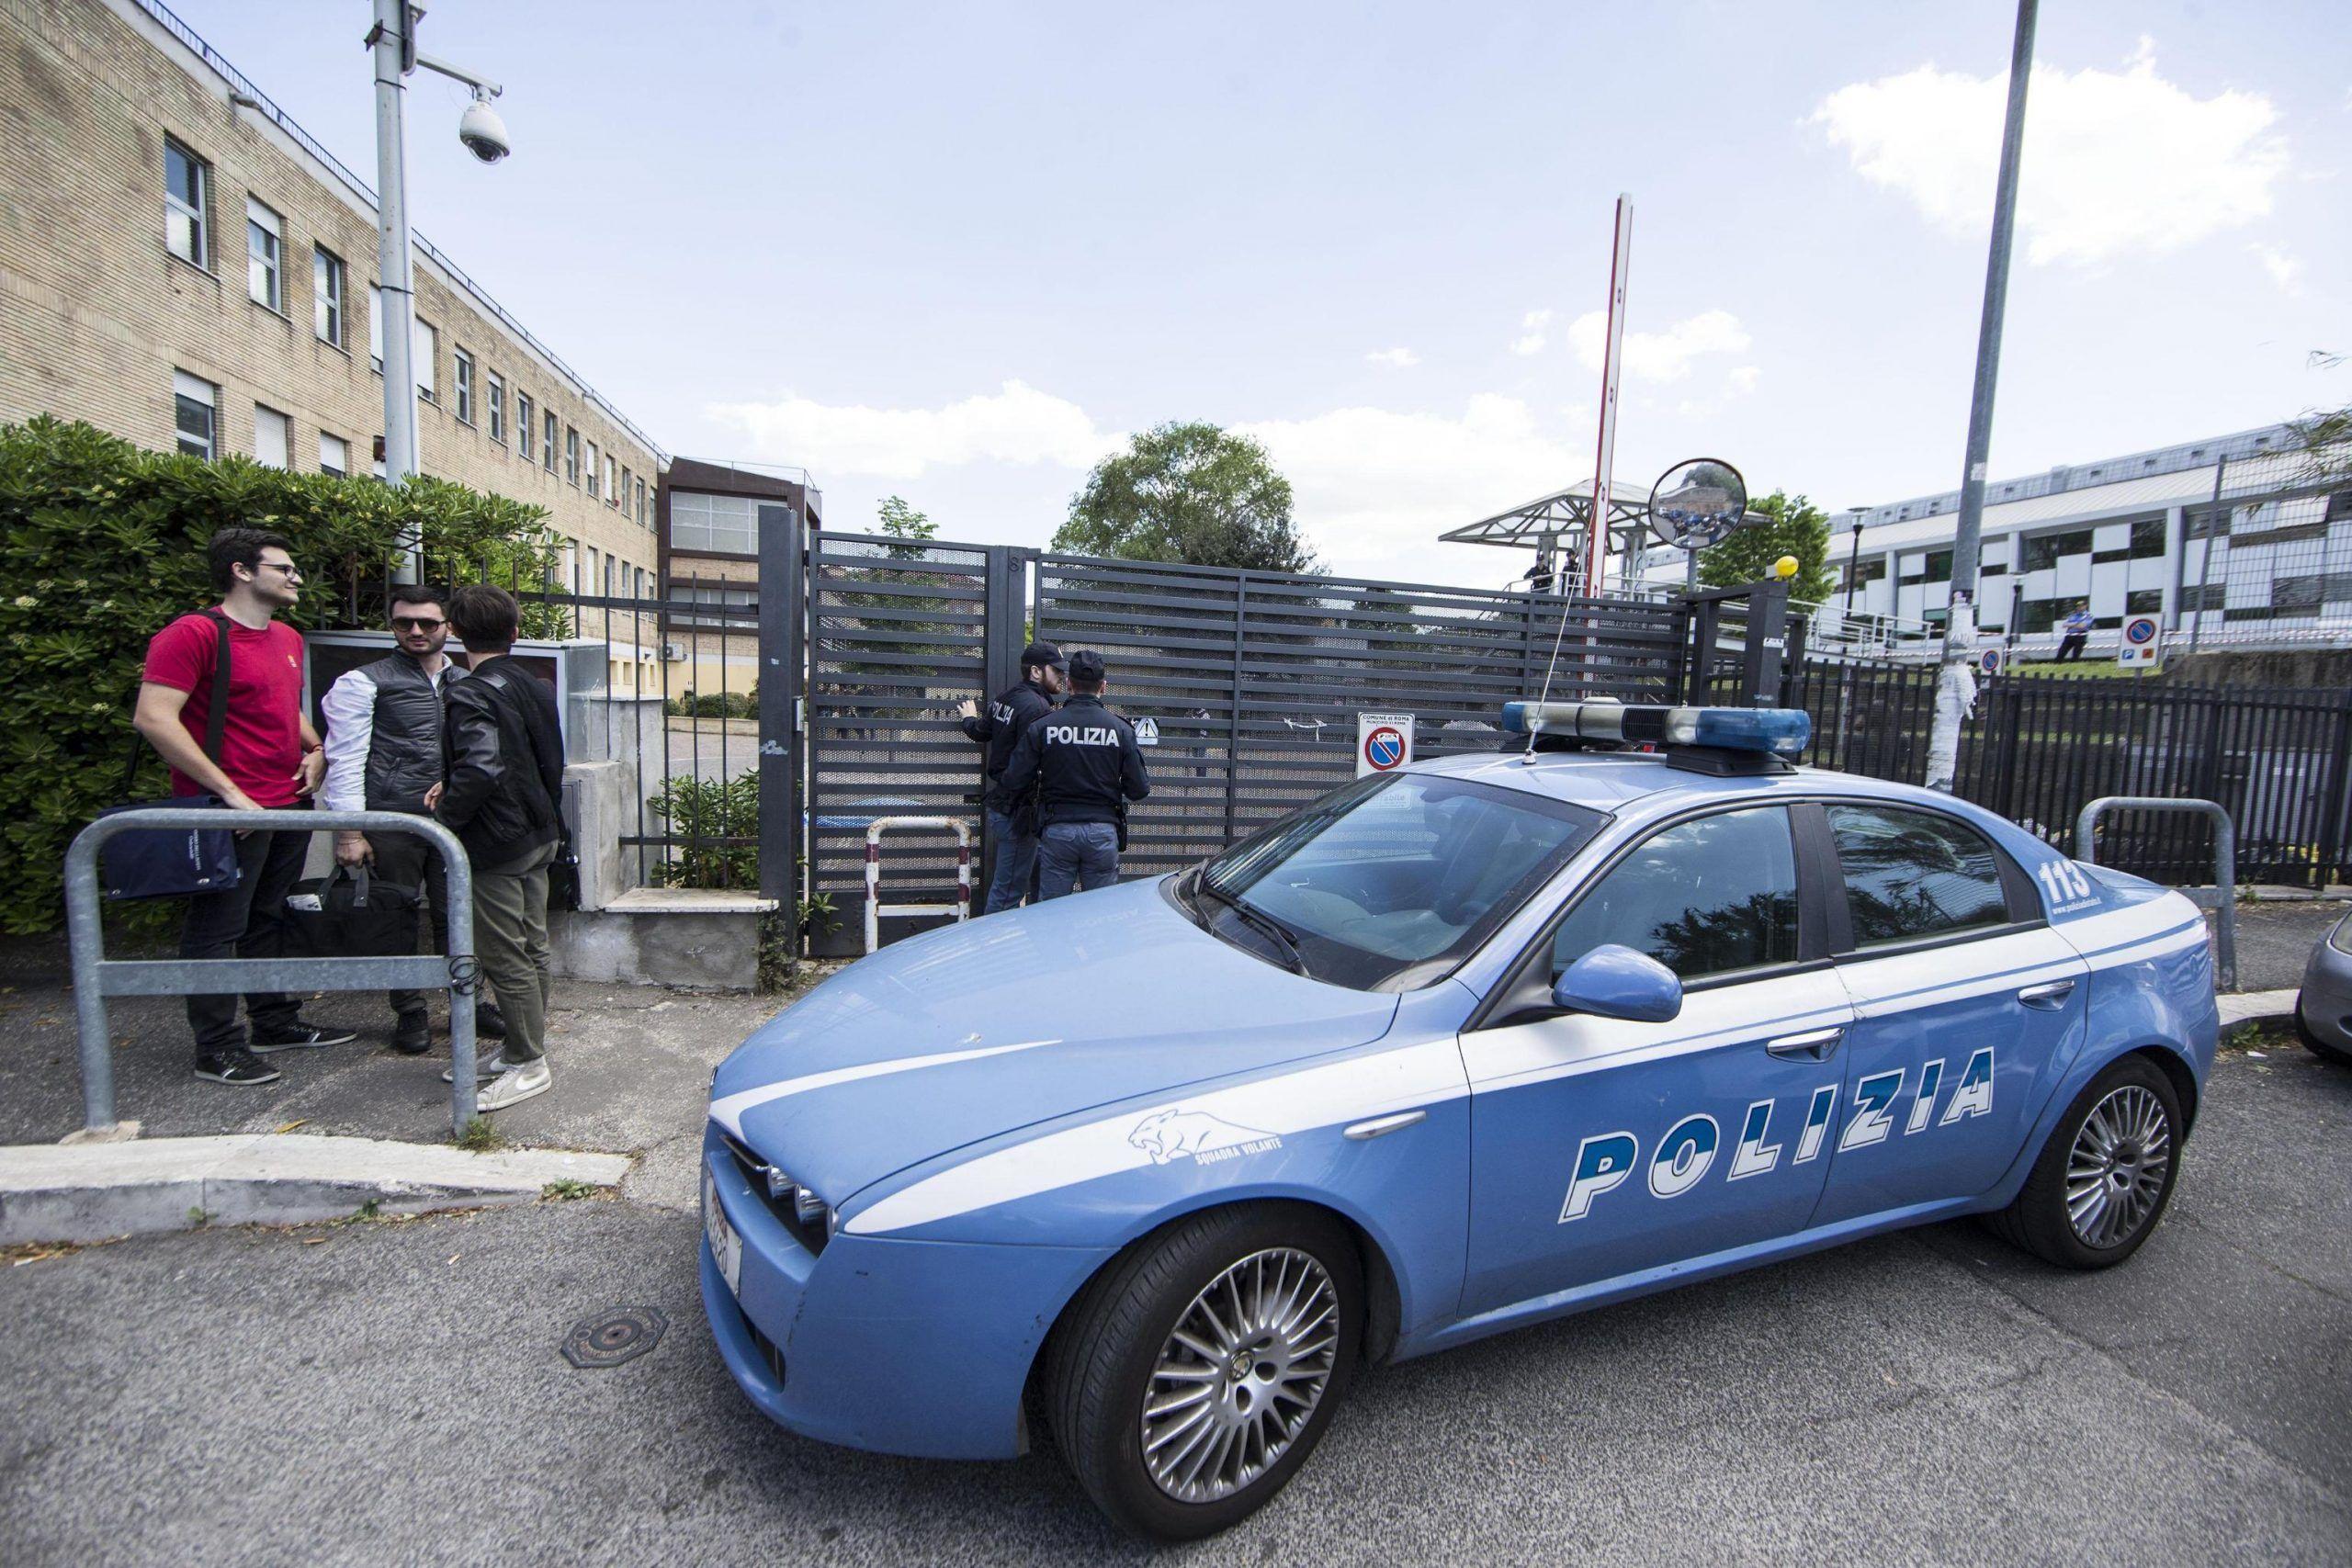 Giovane si uccide con colpo pistola in università Roma